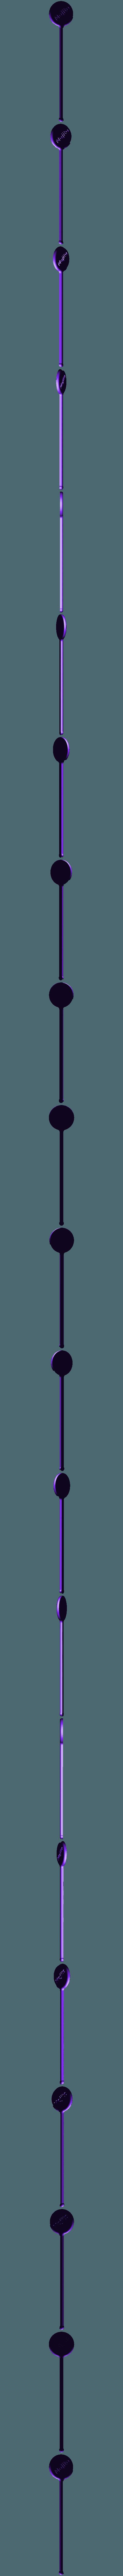 touillette mojito.stl Download STL file Cocktail glass 3dgregor • Design to 3D print, 3dgregor